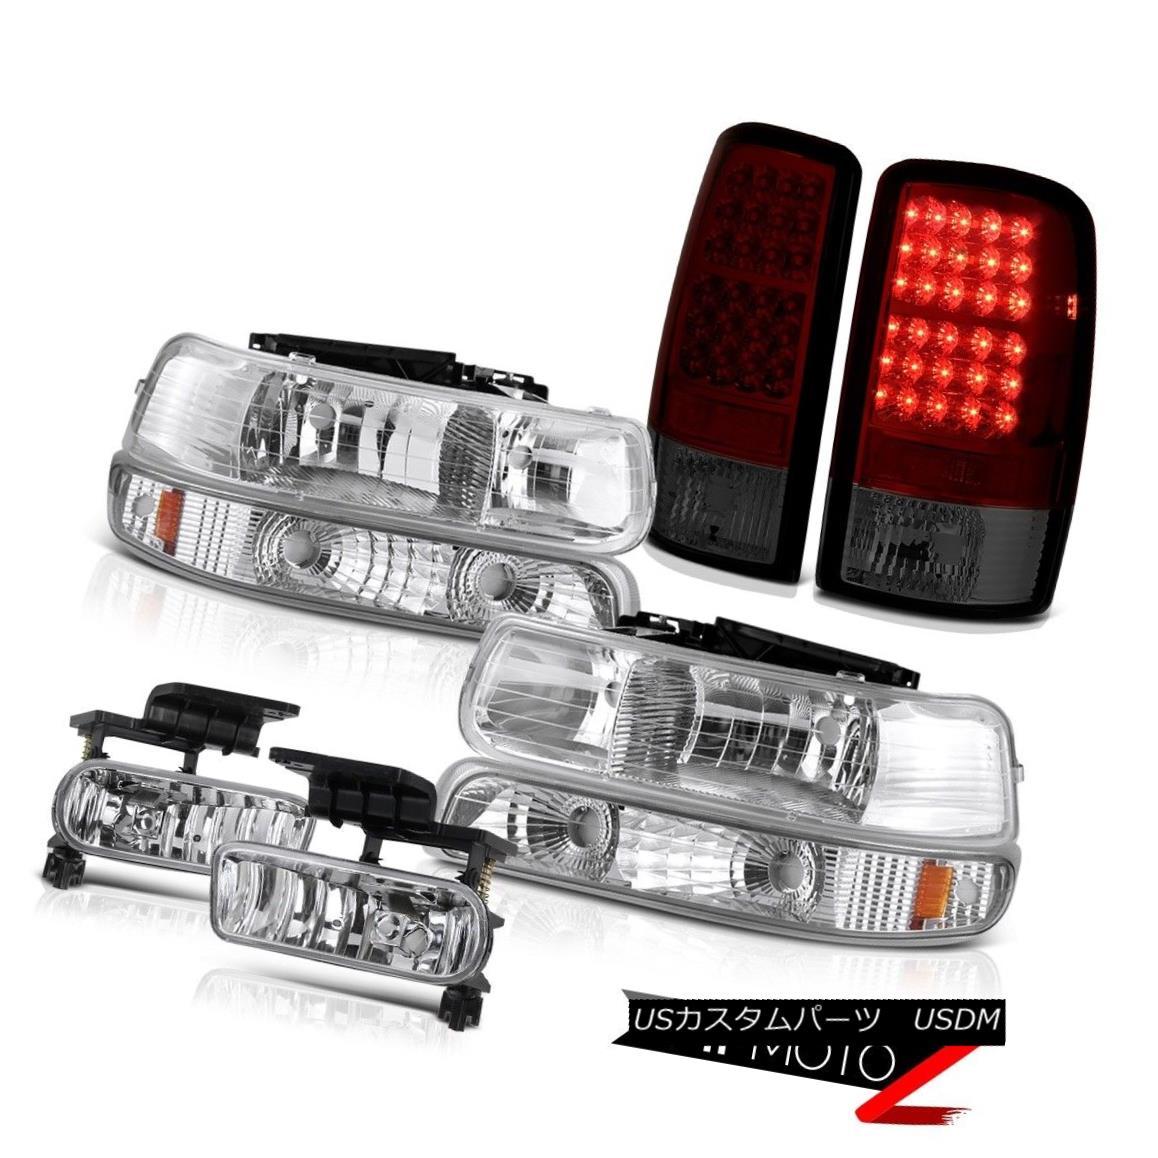 テールライト 04 05 06 Suburban 6.0L Signal Headlamp Headlight LED Bulbs Tail Lights Clear Fog 04 05 06郊外の6.0L信号ヘッドランプヘッドライトLED電球テールライトクリアフォグ